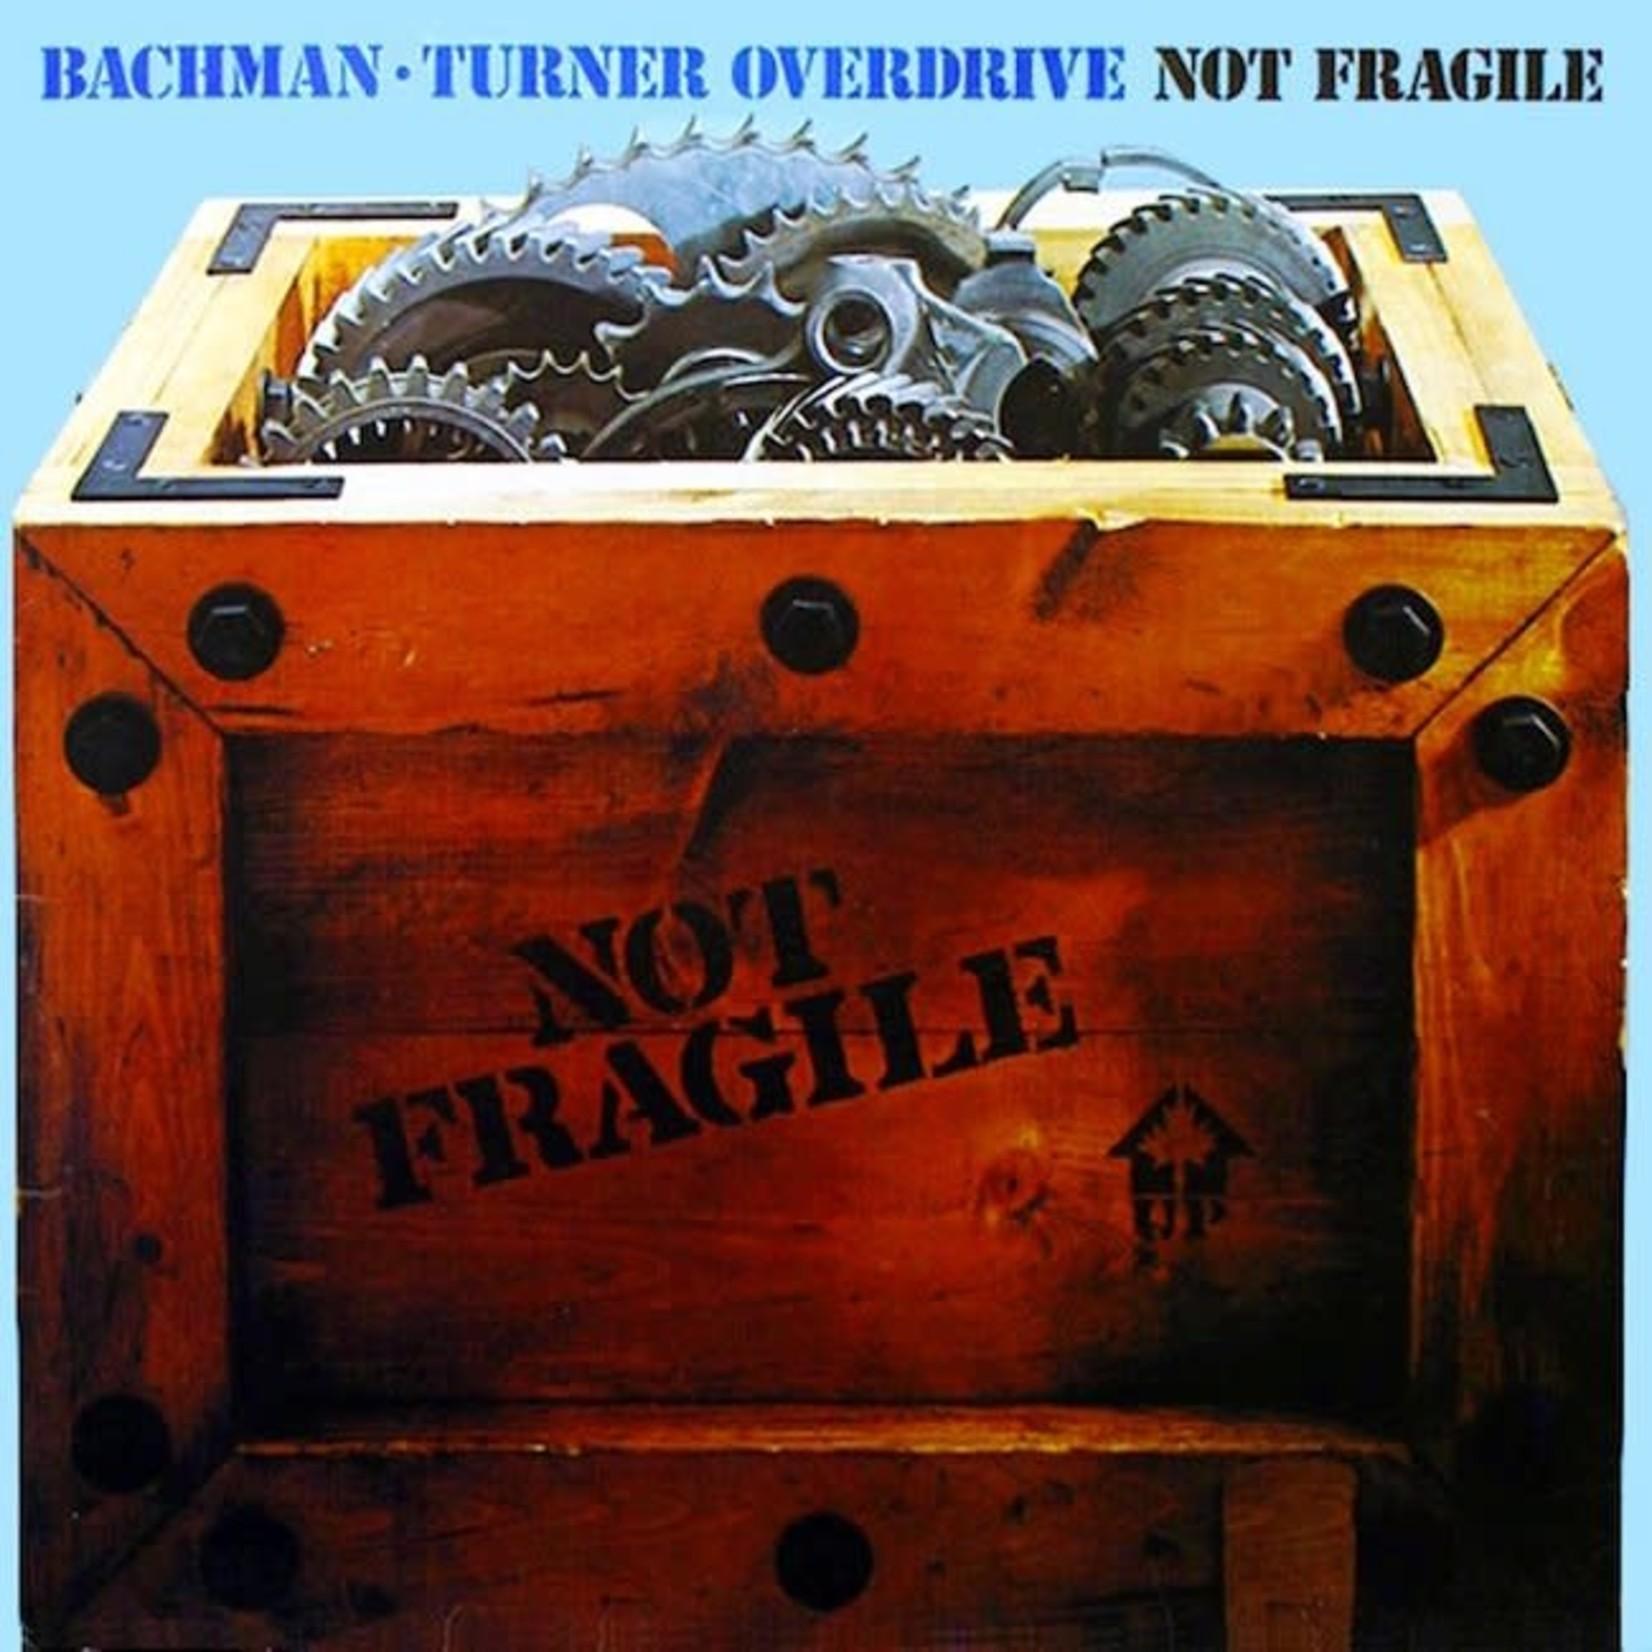 [Vintage] Bachman-Turner Overdrive: Not Fragile